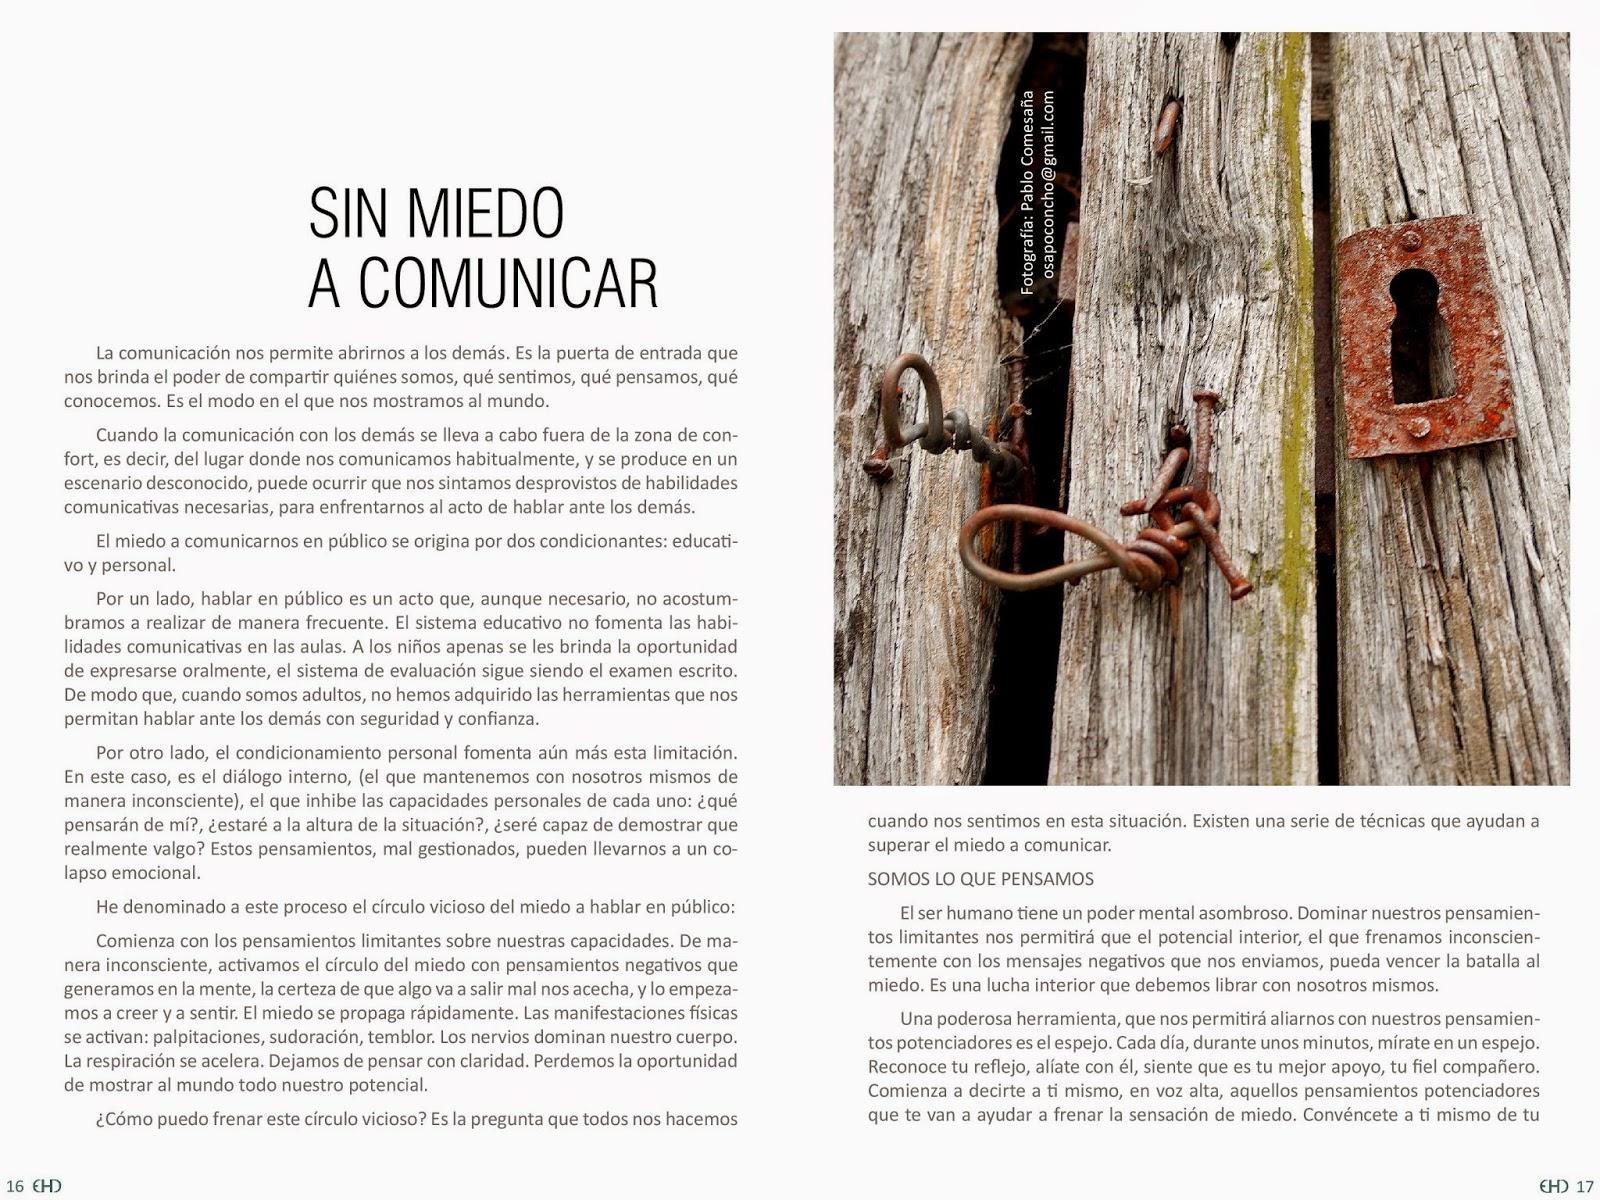 Anna Alonso Pardo, Sin miedo a comunicar, habilidades comunicativas, cómo vencer miedo a comunicar, artículo EHD magazine,